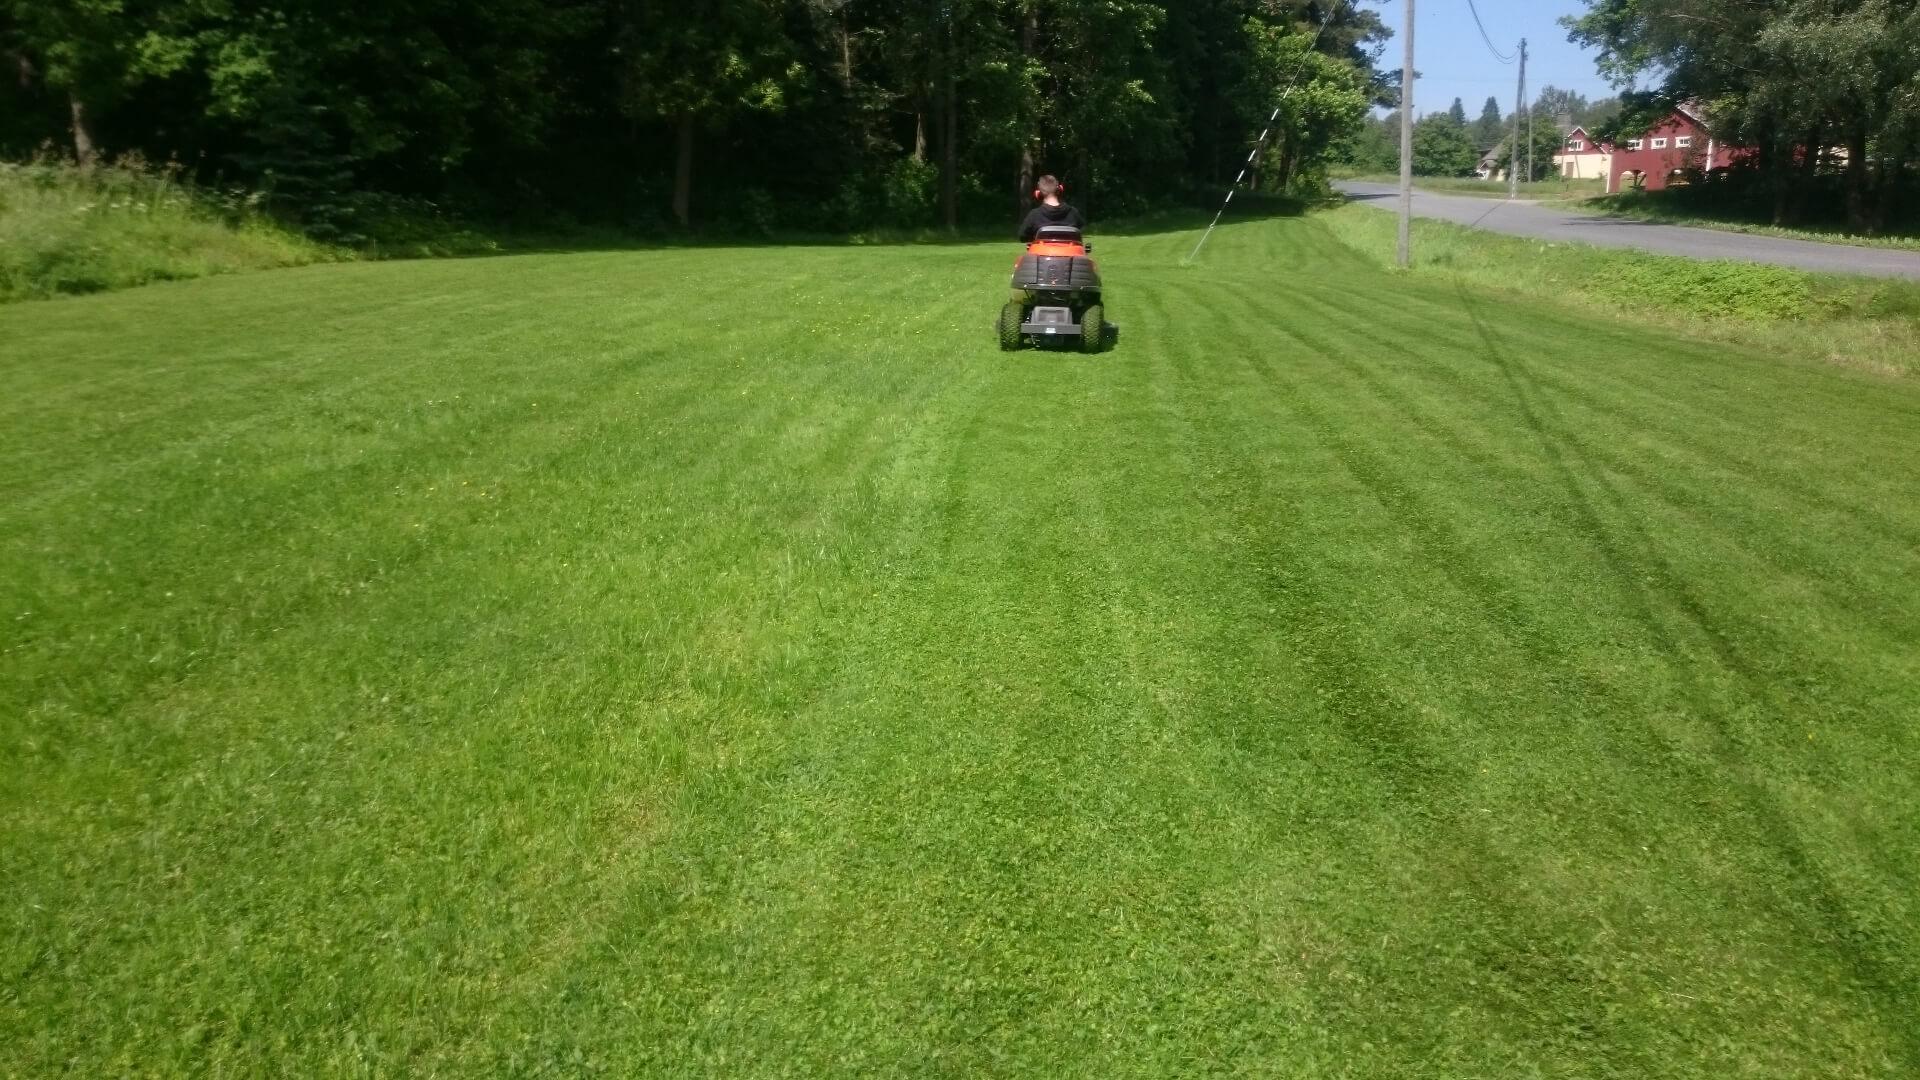 Med en åkgräsklippare lyckas gräsklippning även av större gräsmattor.